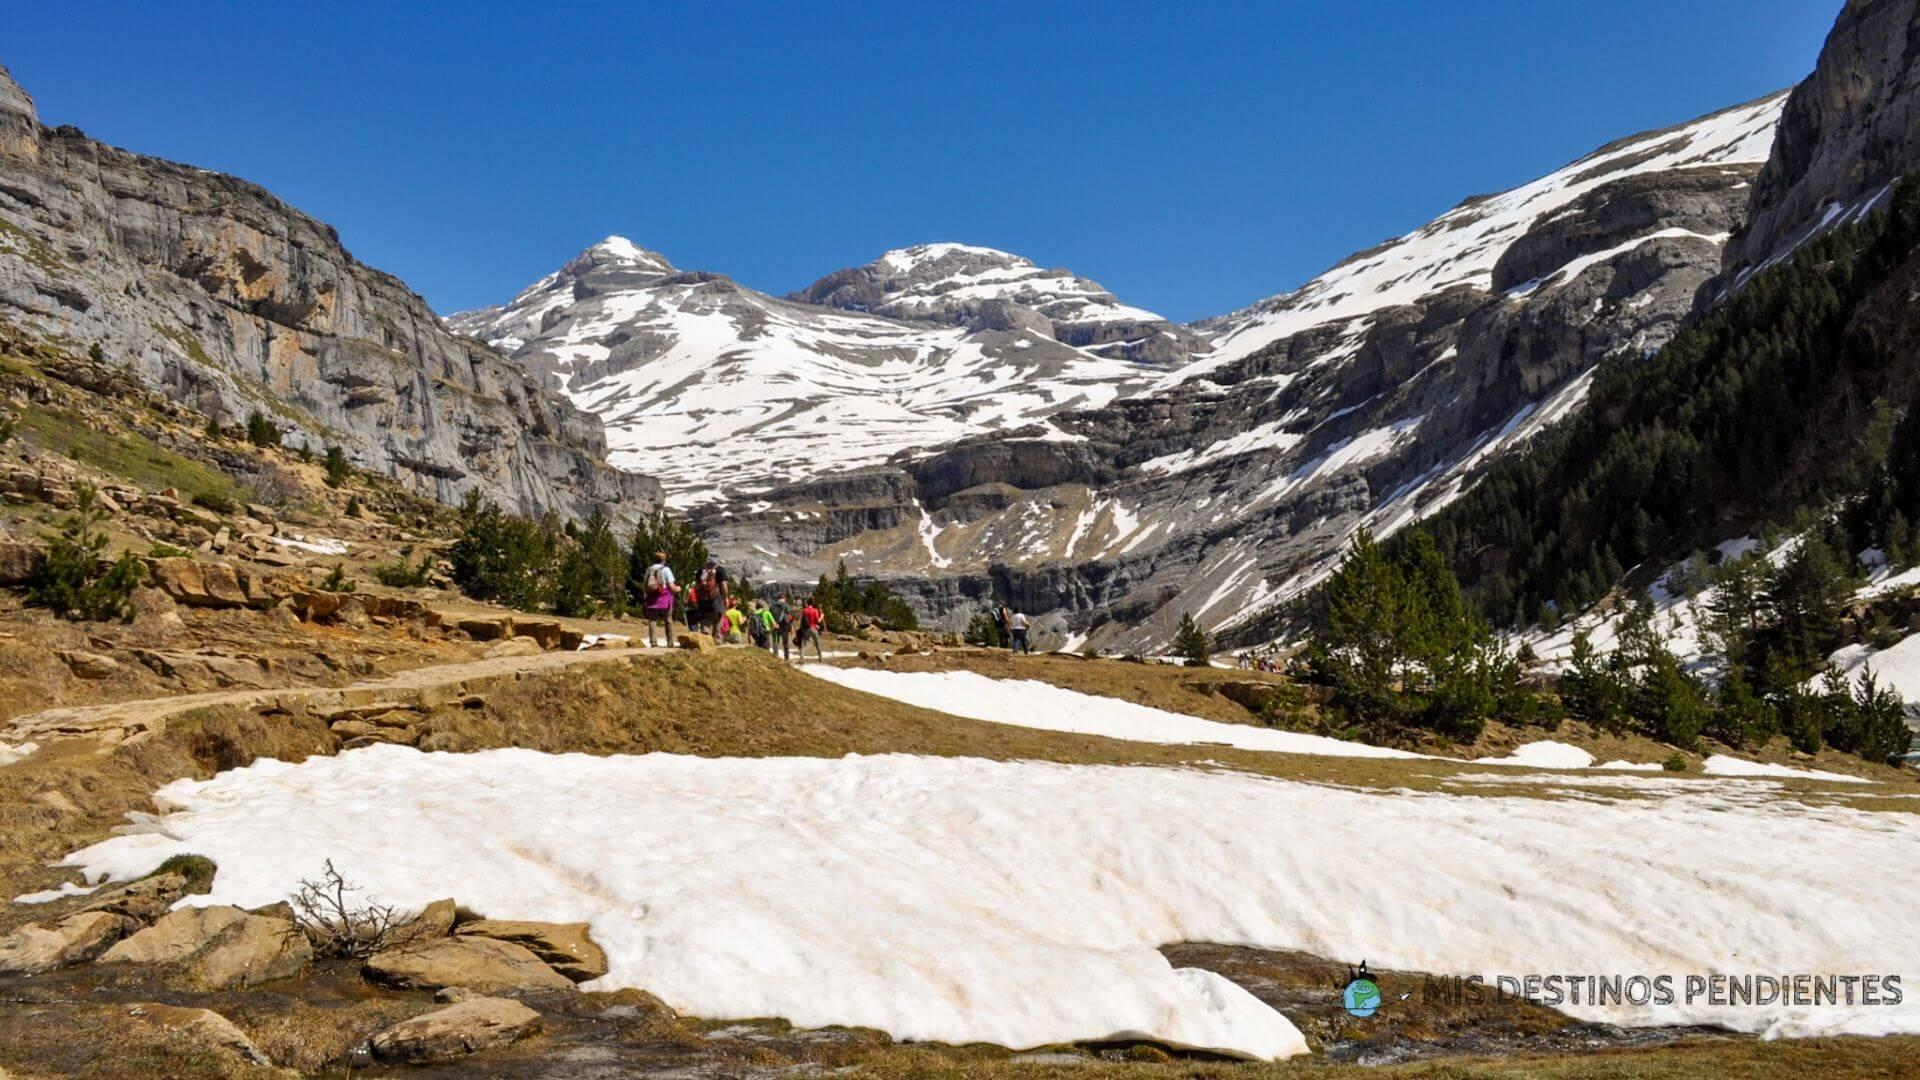 Vista de Monte Perdido desde el Circo de Soaso (Ordesa y Monte Perdido, Huesca)